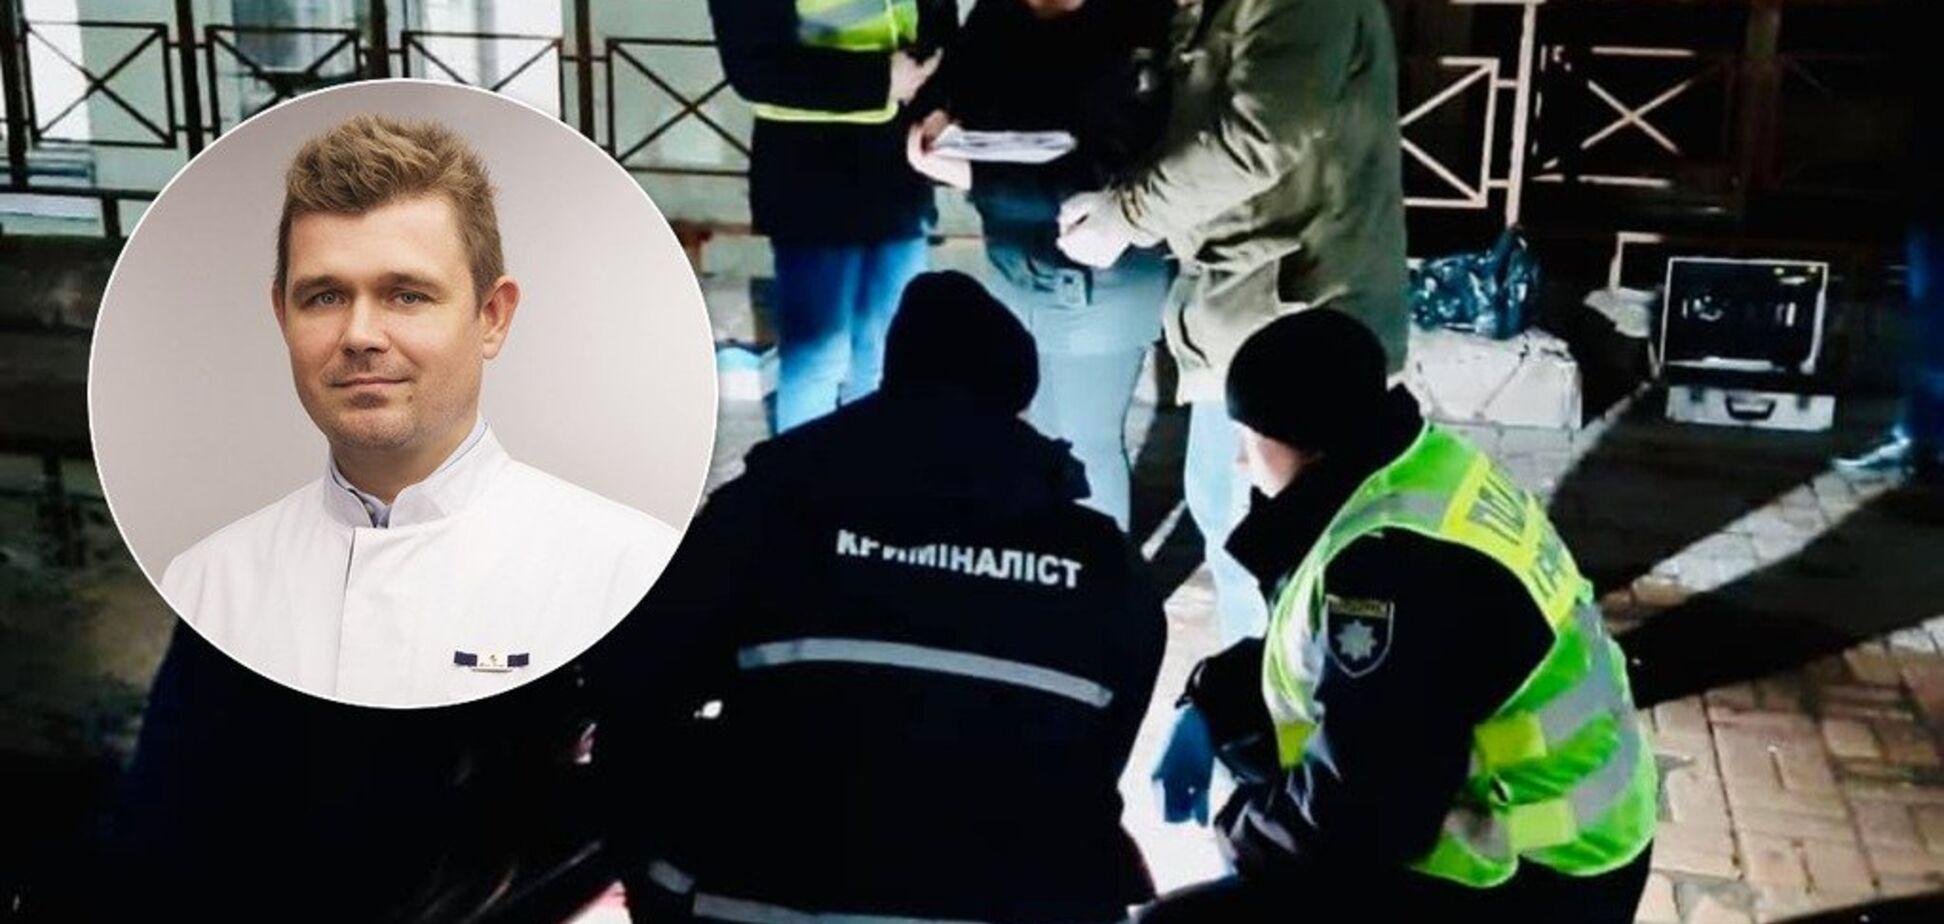 З'явилося відео моменту вбивства відомого лікаря в Києві. 18+